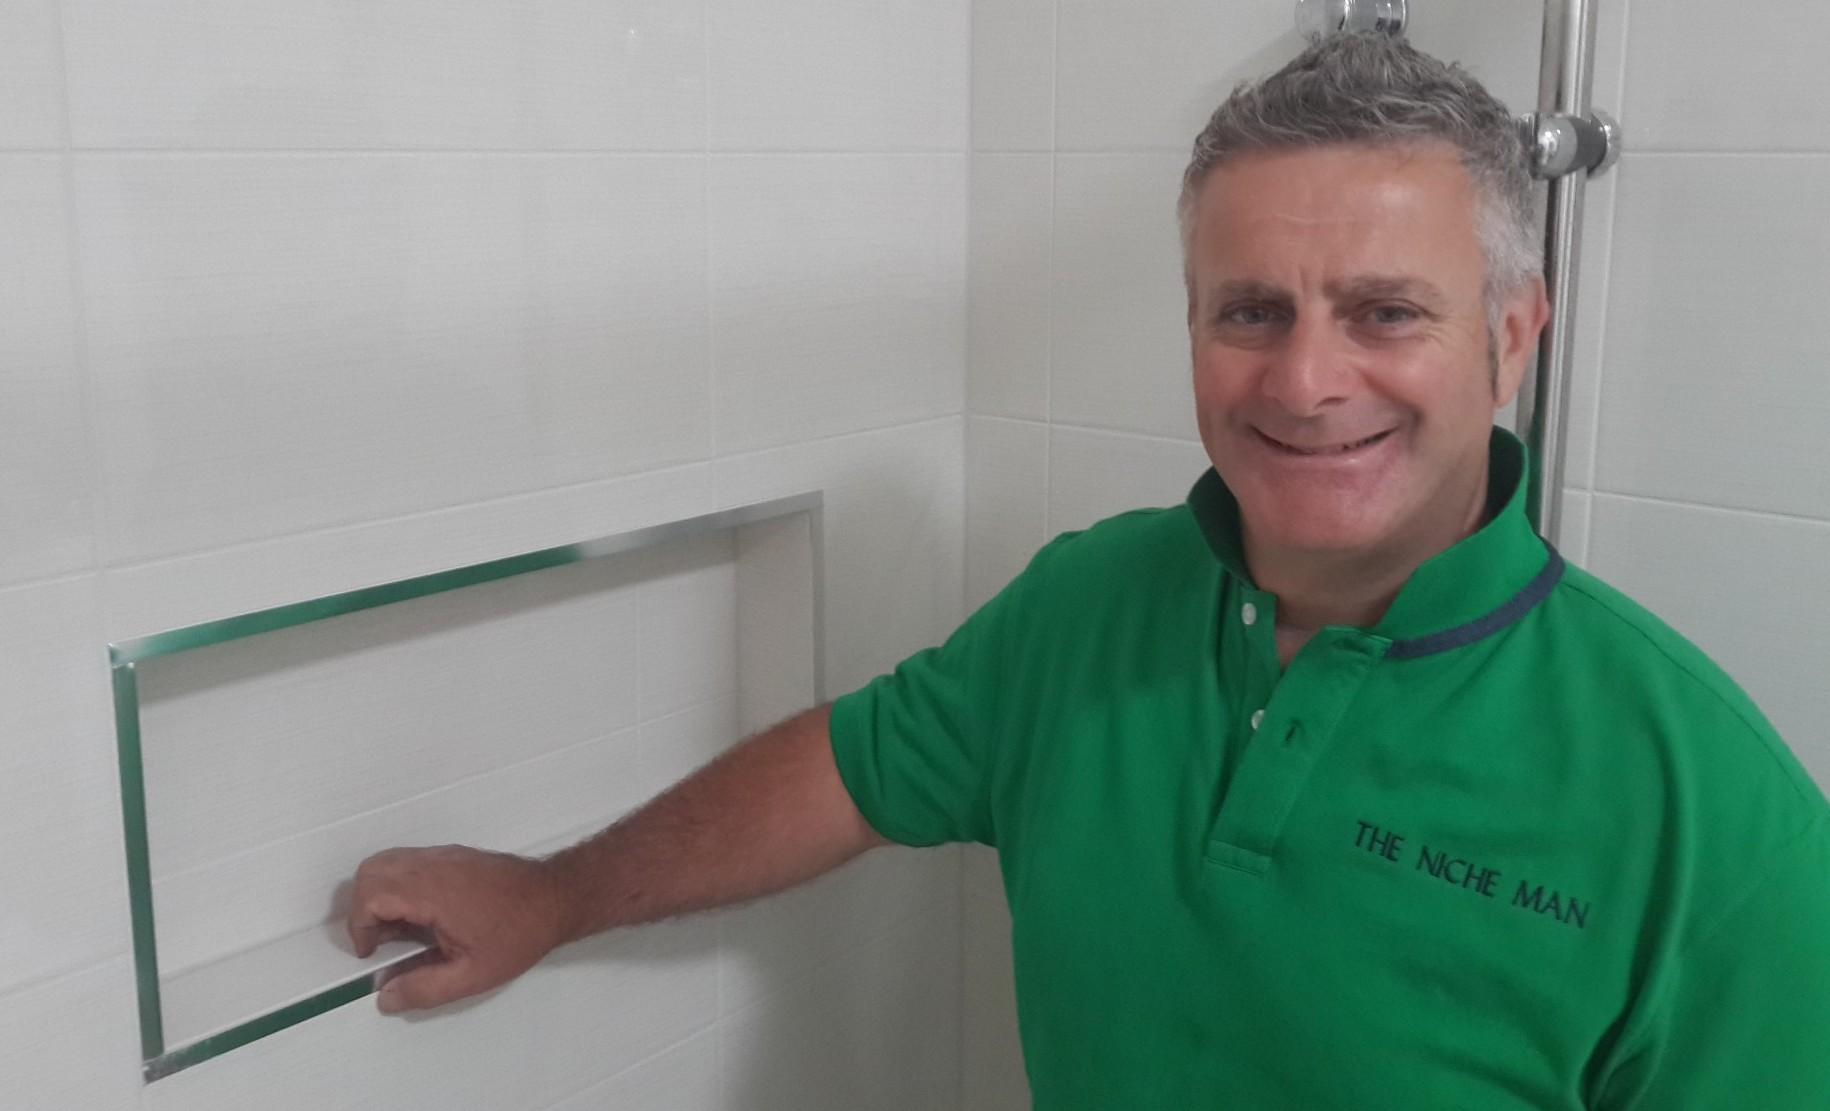 david-the-niche-man-standing-next-to-a-shower-niche